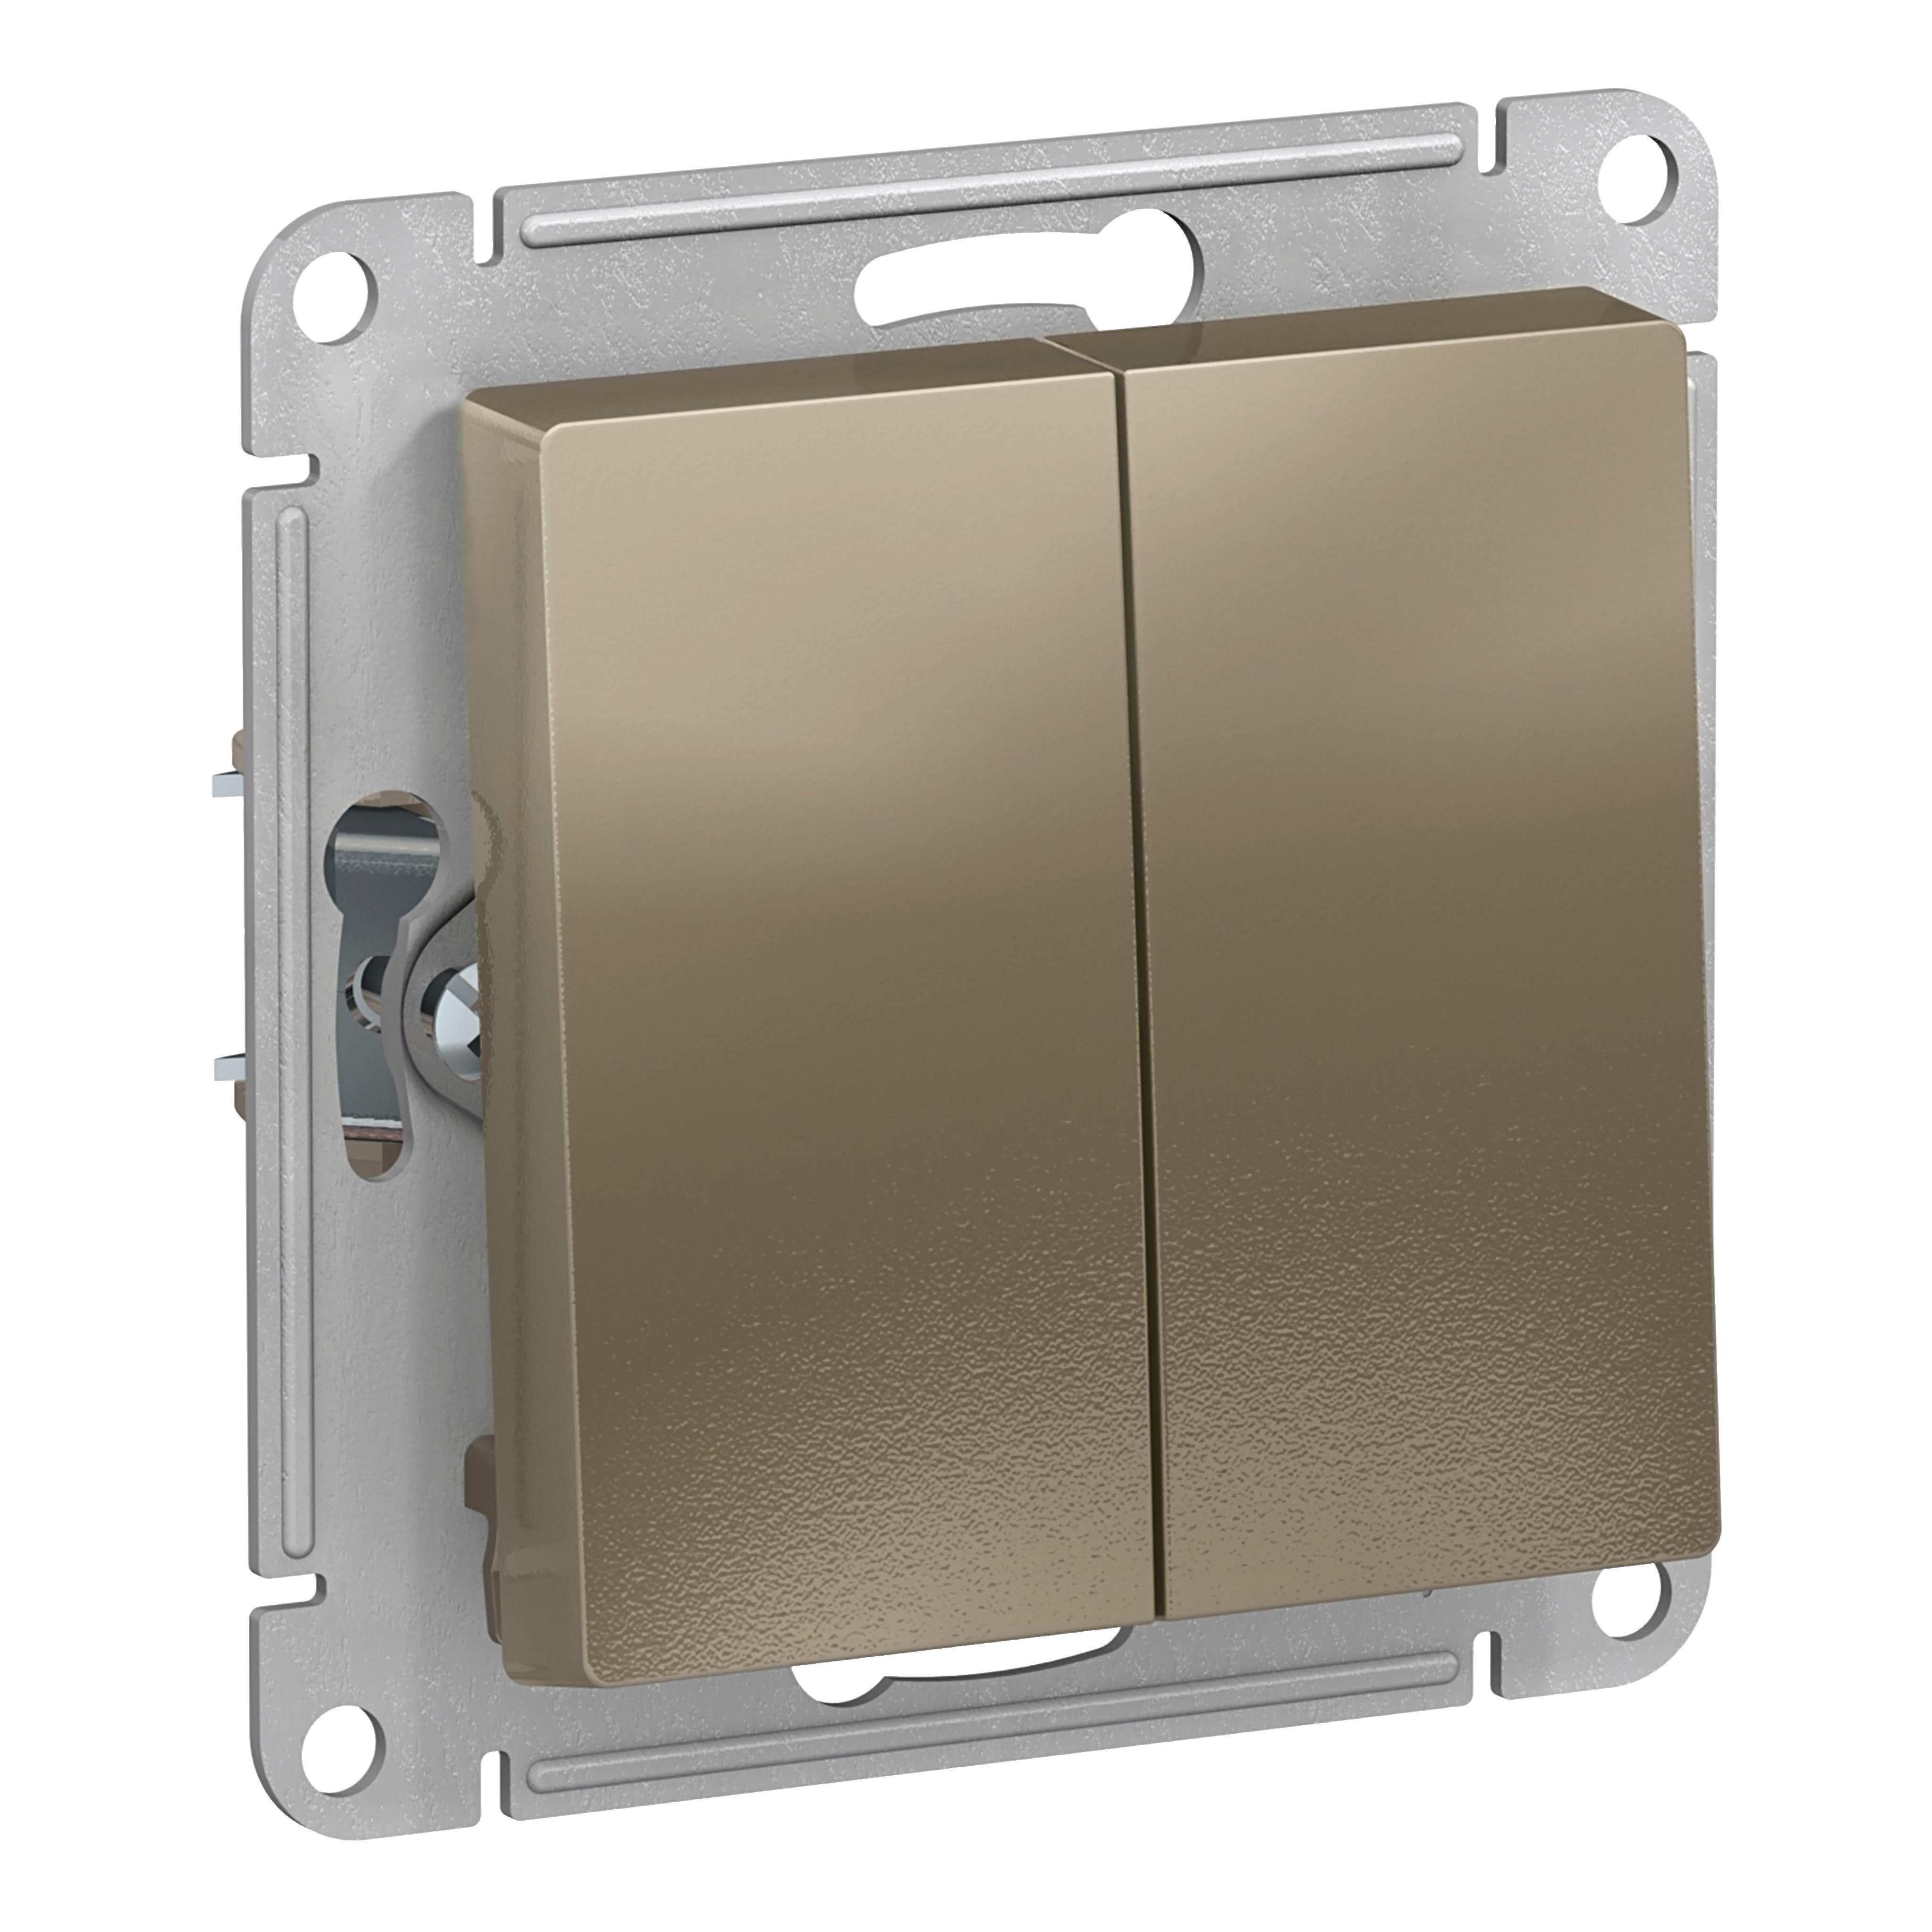 Механизм выключателя Schneider electric Atn000551